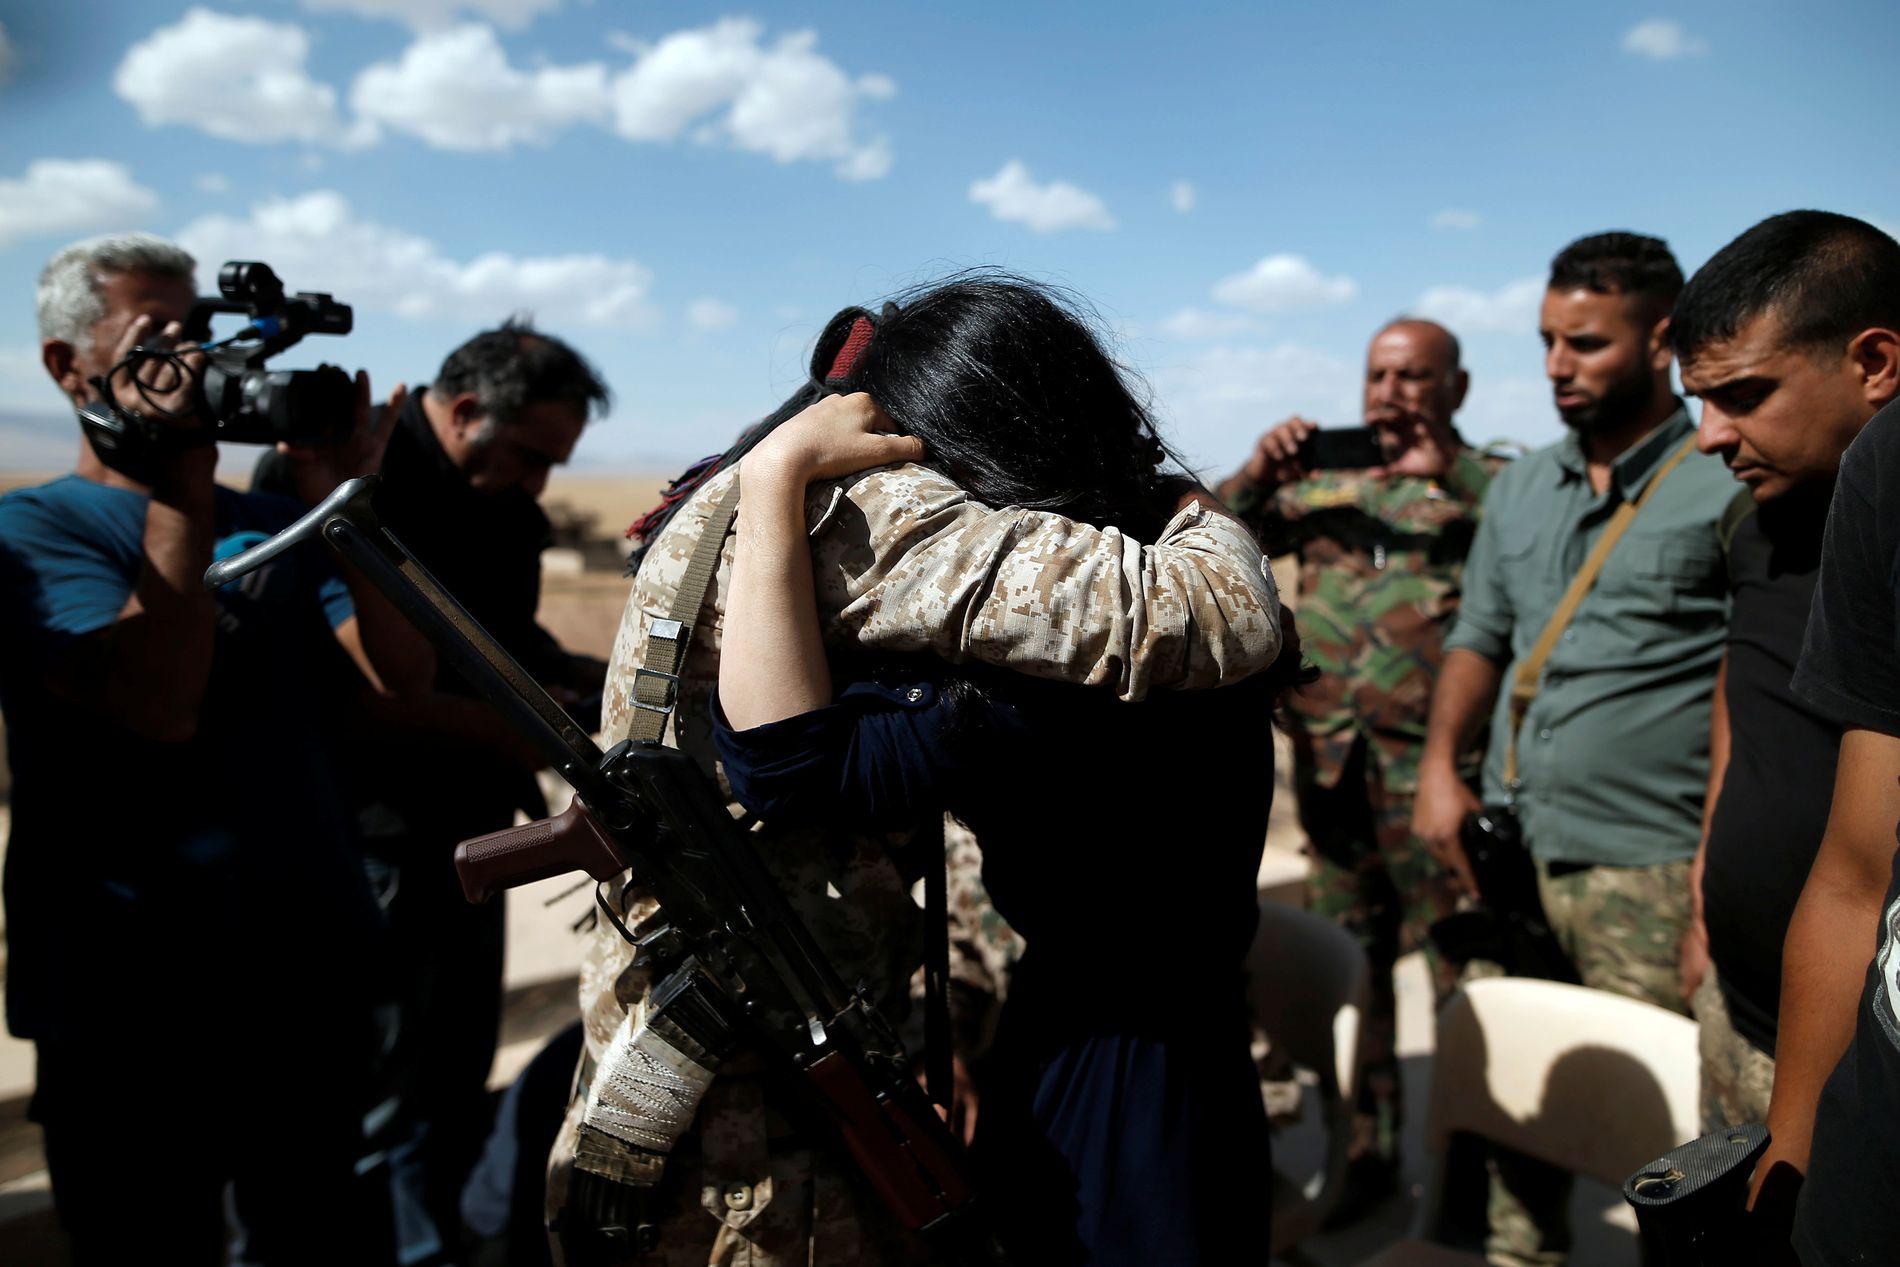 GJENSYN: Nadia omfavner sin bror Saeed, som hun ser for første gang etter at hun ble tatt til fange og solgt som slave av IS. Reisen i 2017 er første og til nå eneste gang hun har vært tilbake i landsbyen hun vokste opp i, Kojo, i Sinjar i Nord-Irak.